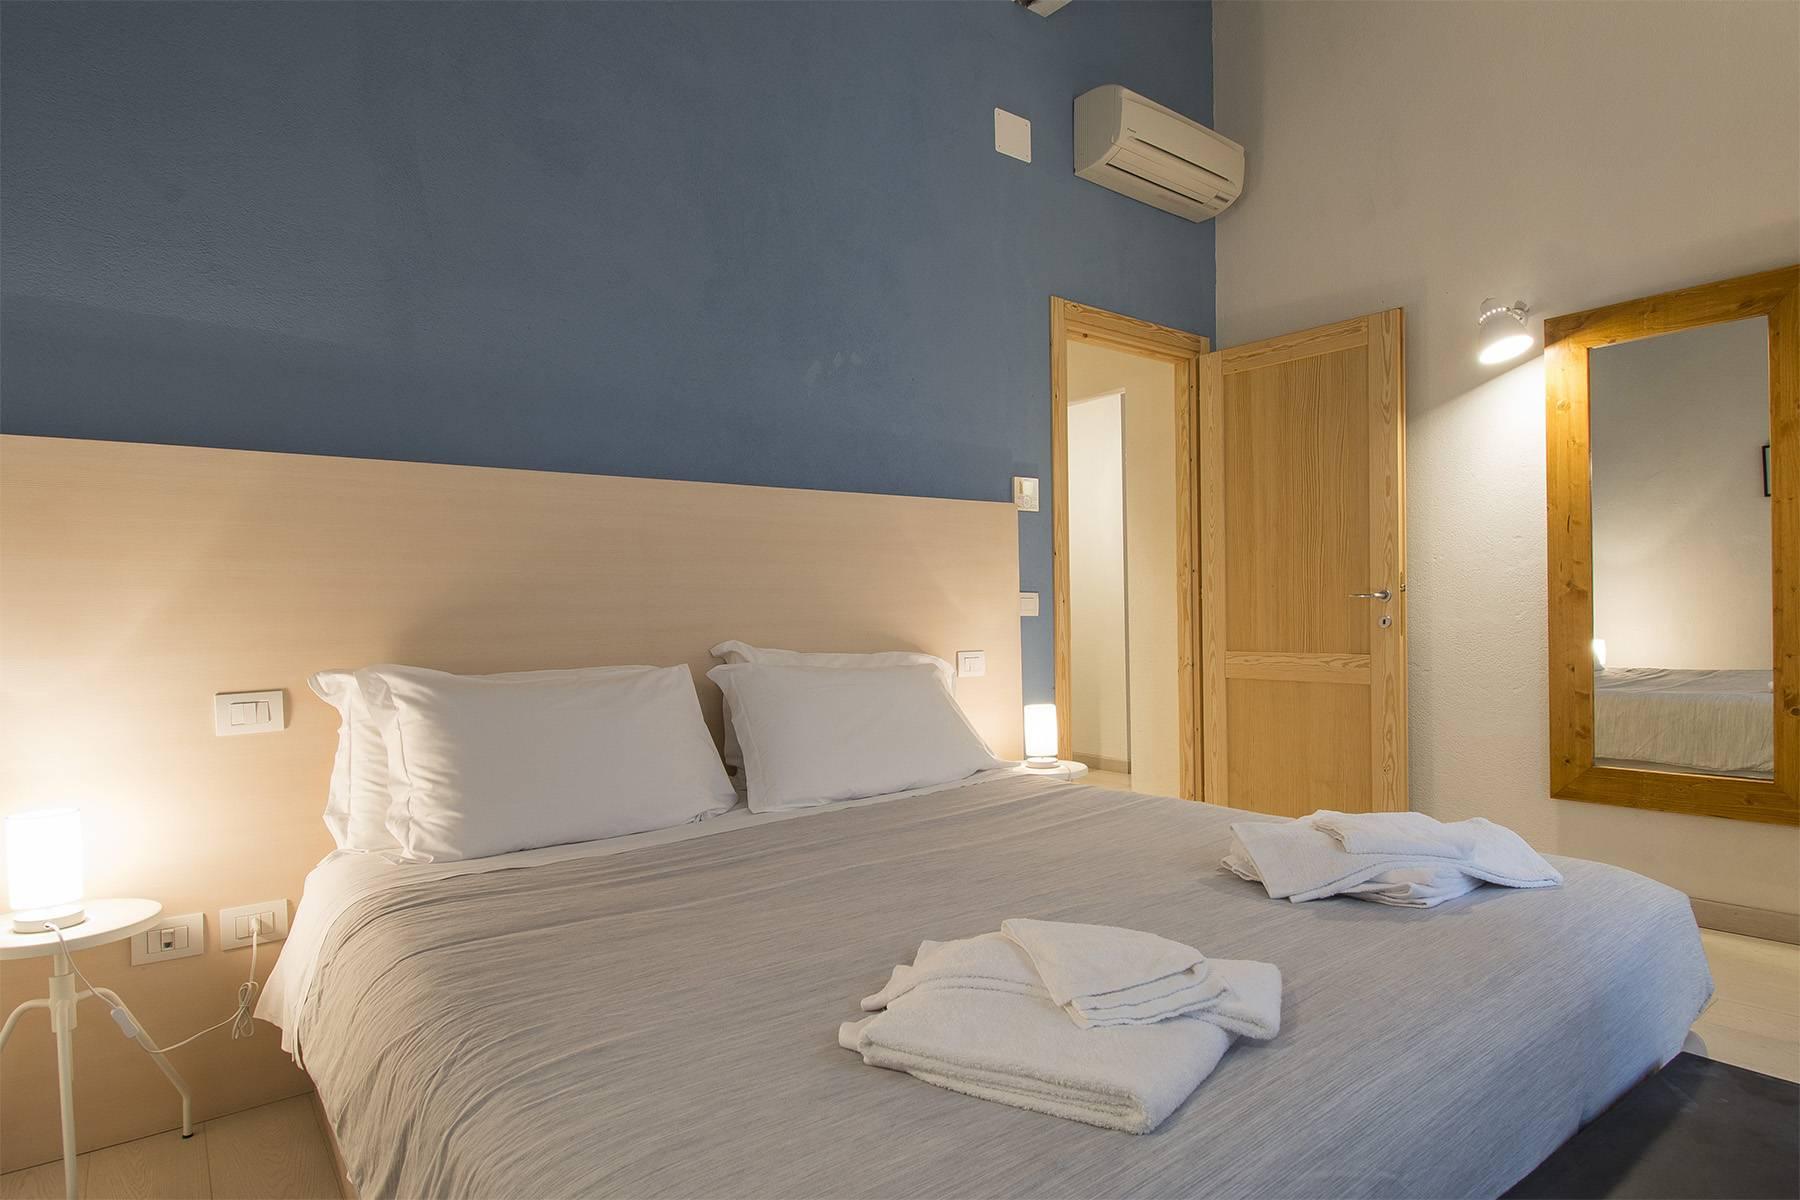 Appartamento in Vendita a Lucca: 3 locali, 105 mq - Foto 22